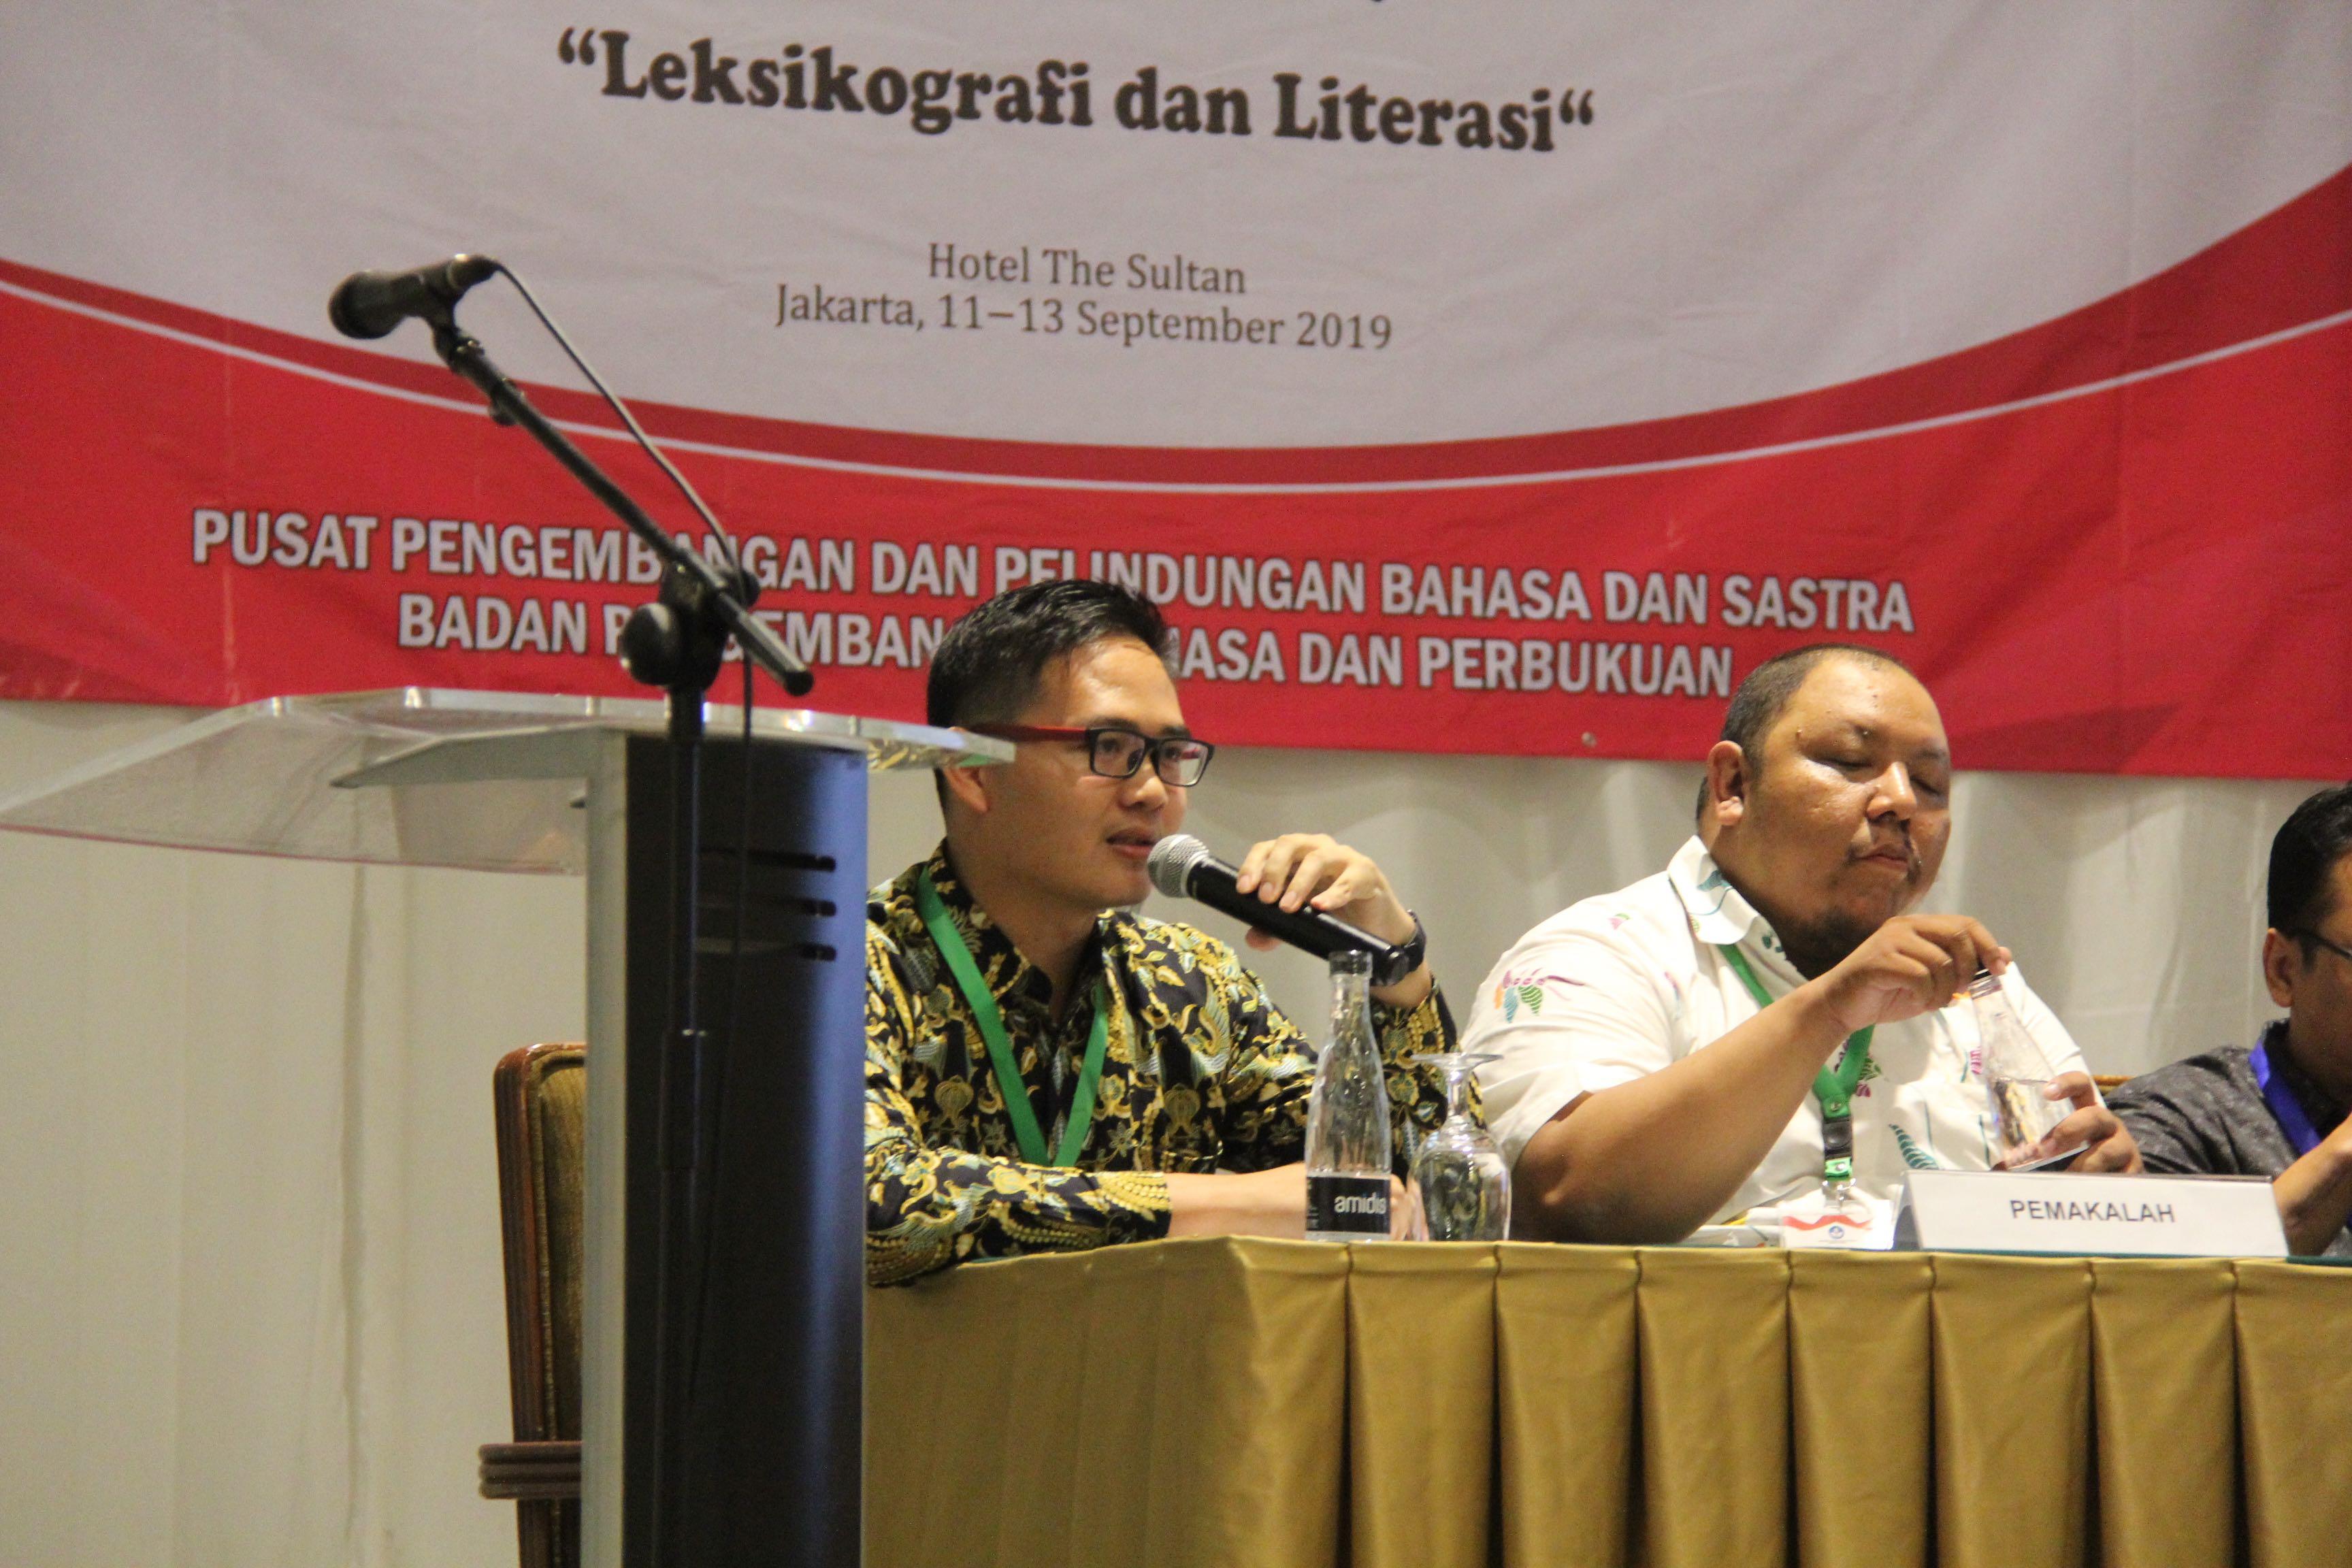 """Seminar Leksikografi Indonesia 2019 """"Leksikografi dan Literasi Dalam Revolusi Industri 4.O"""""""